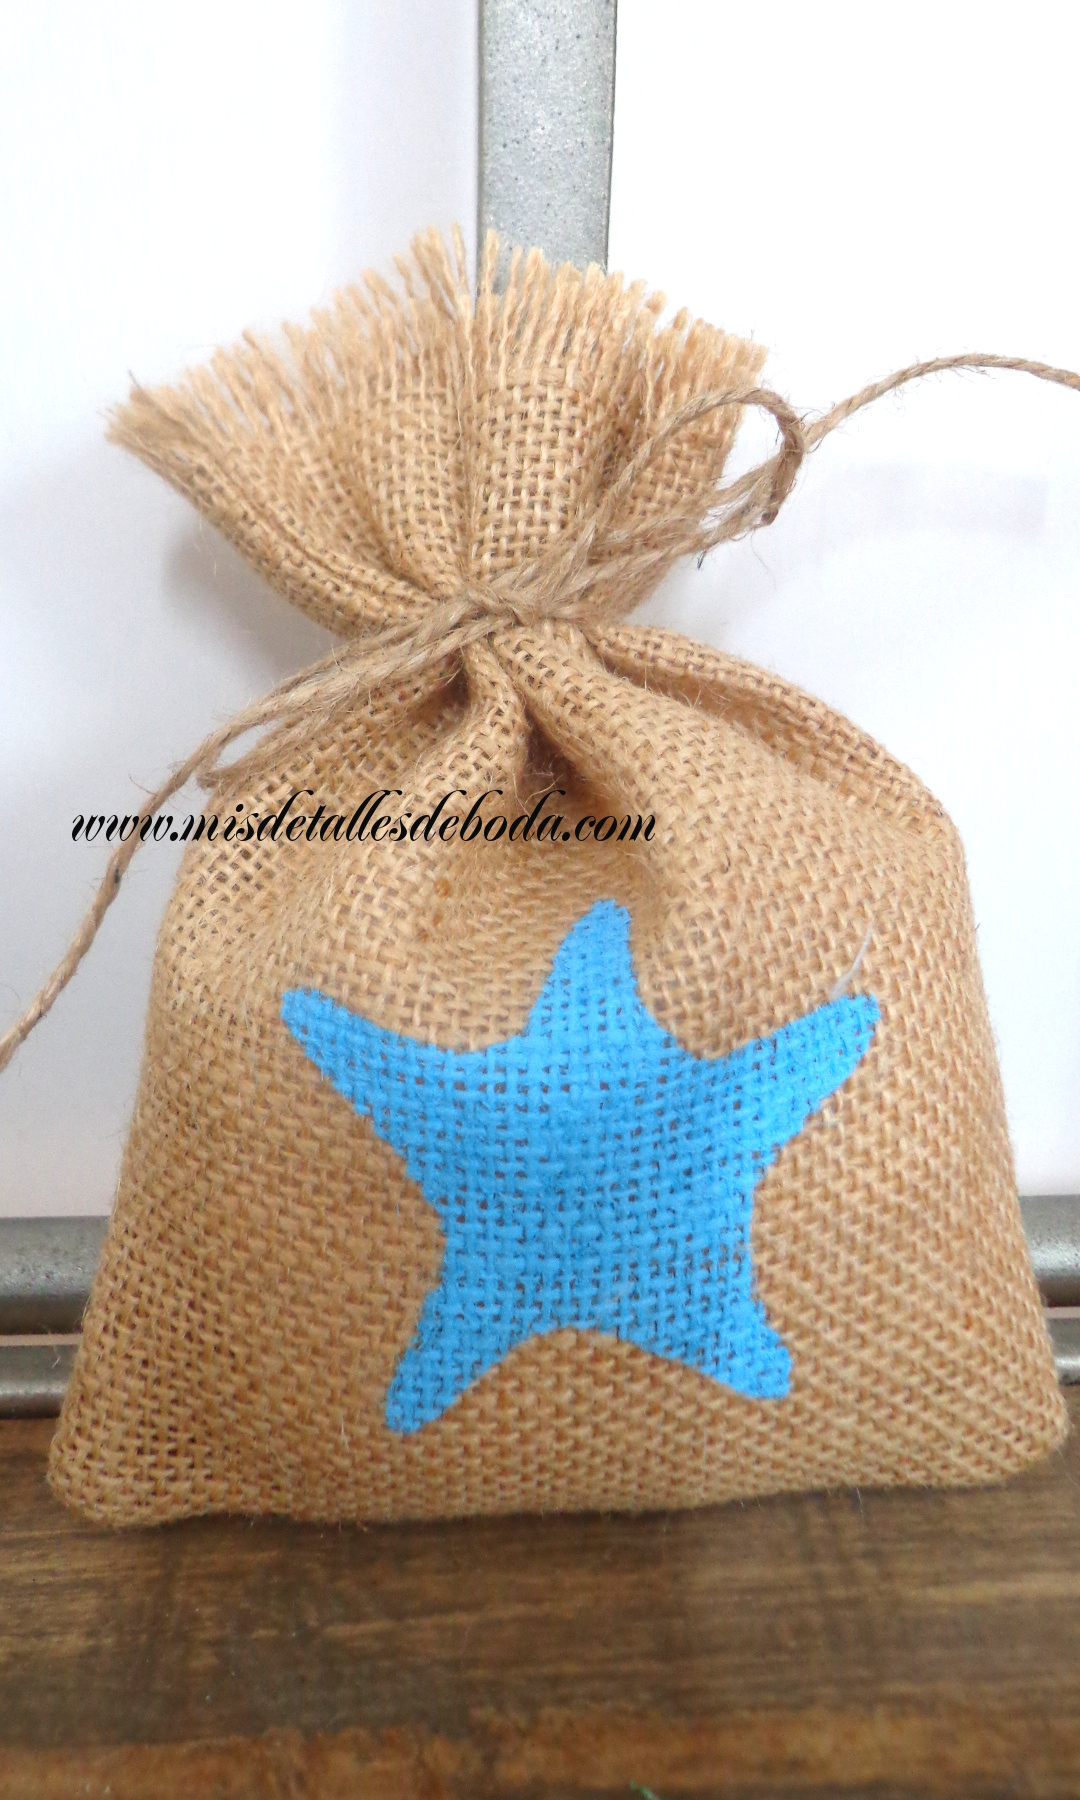 Saco de arpillera pintado estrella de mar varios tama os - Saco arpillera ...